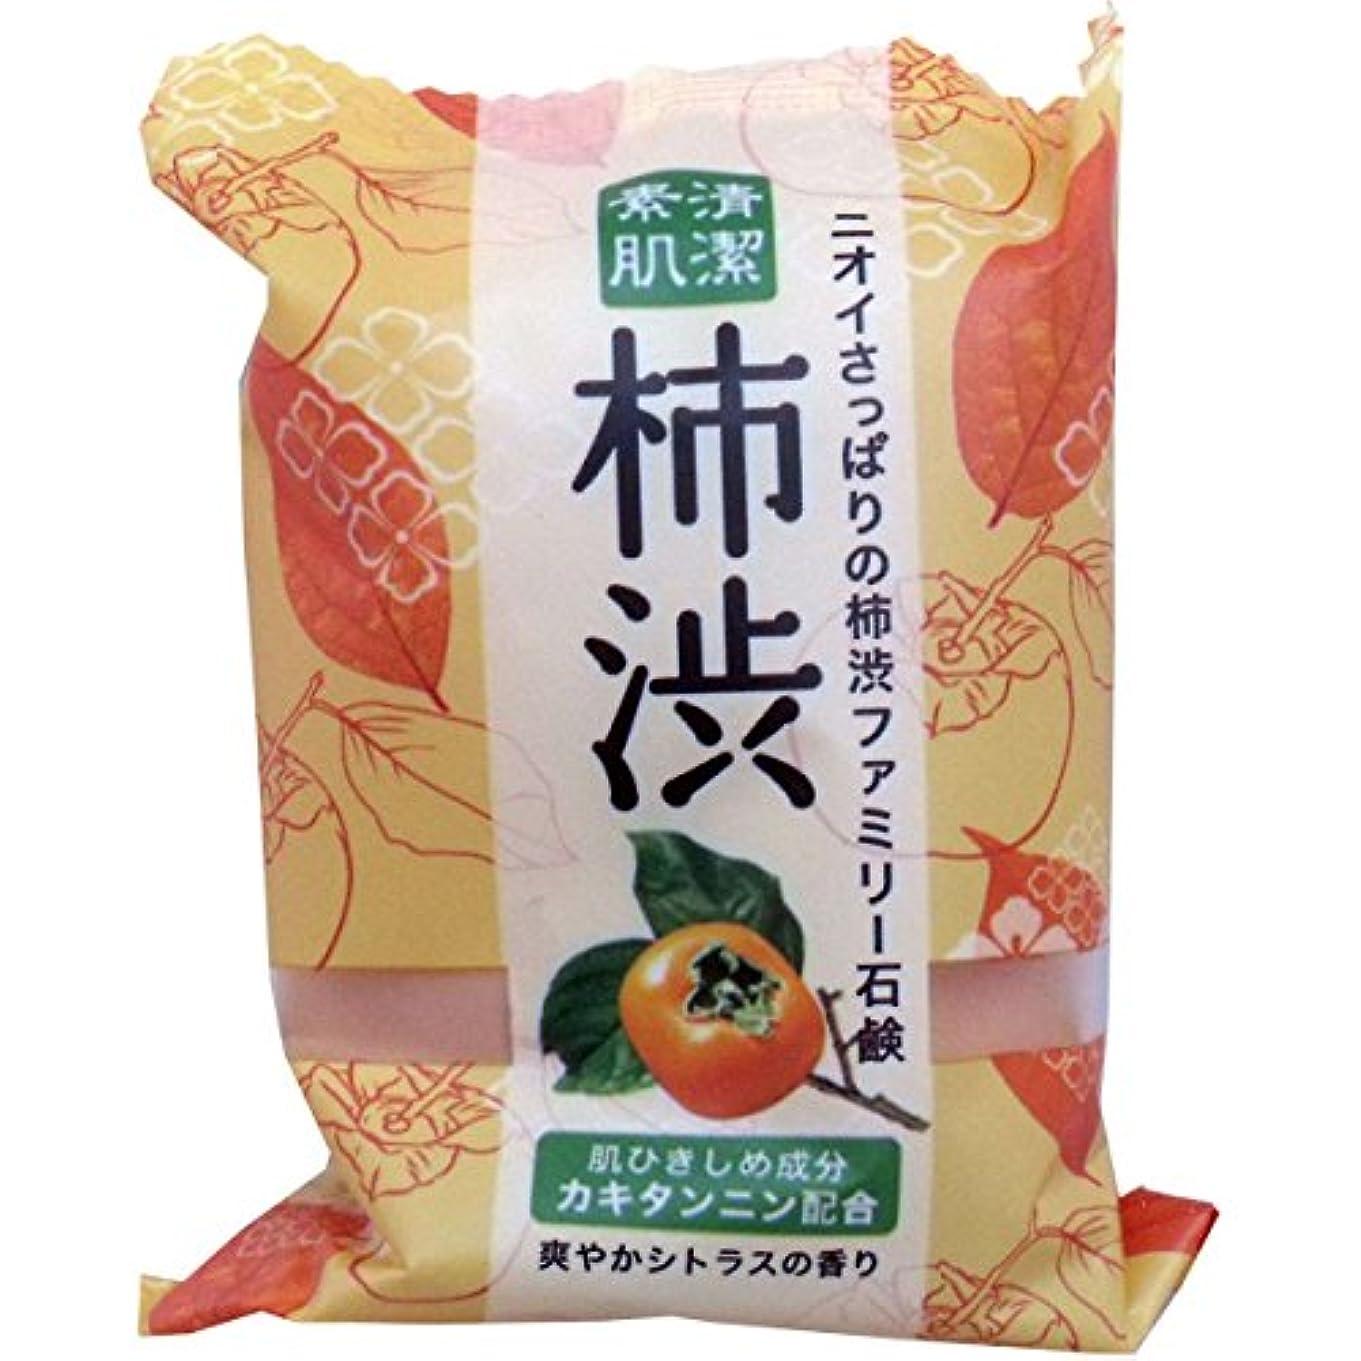 トレース誓うインキュバスペリカン石鹸 ファミリー柿渋石鹸(1個)